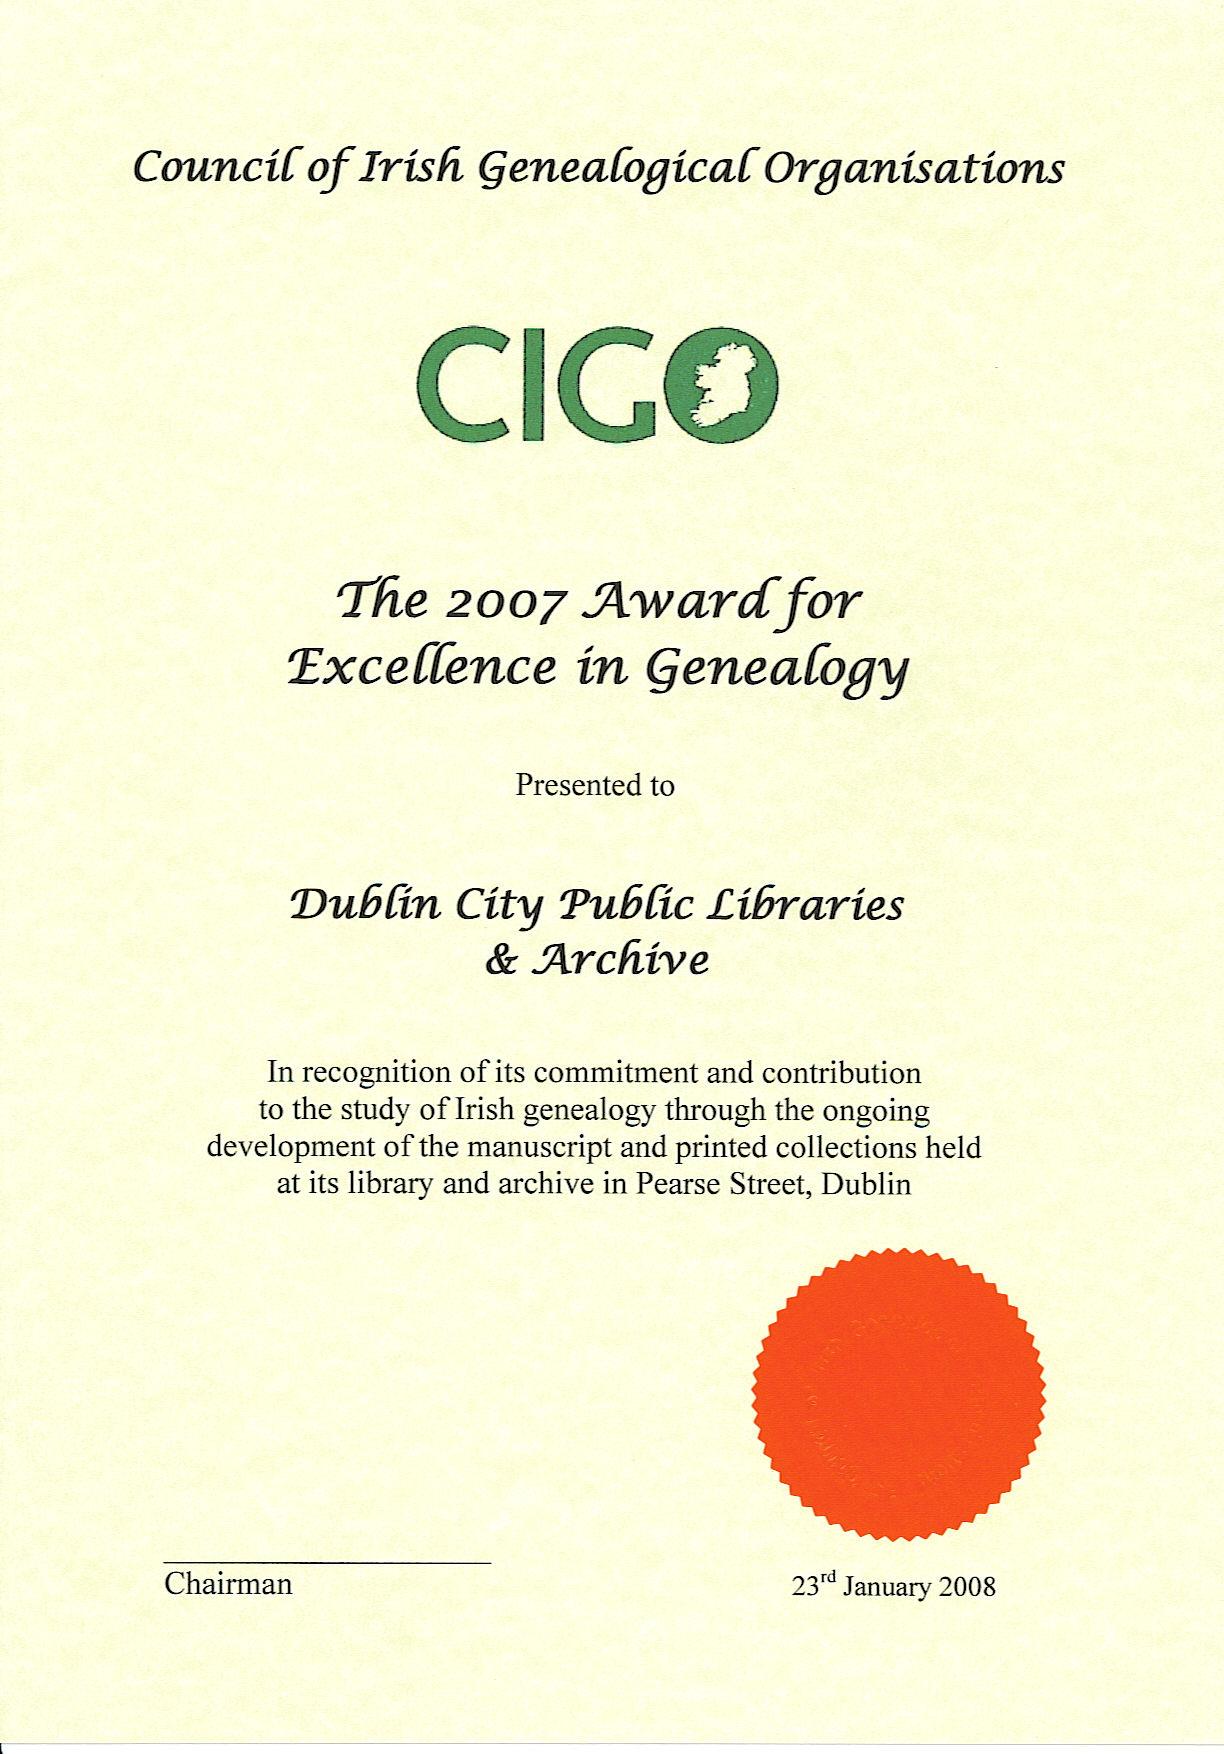 CIGO2007Award